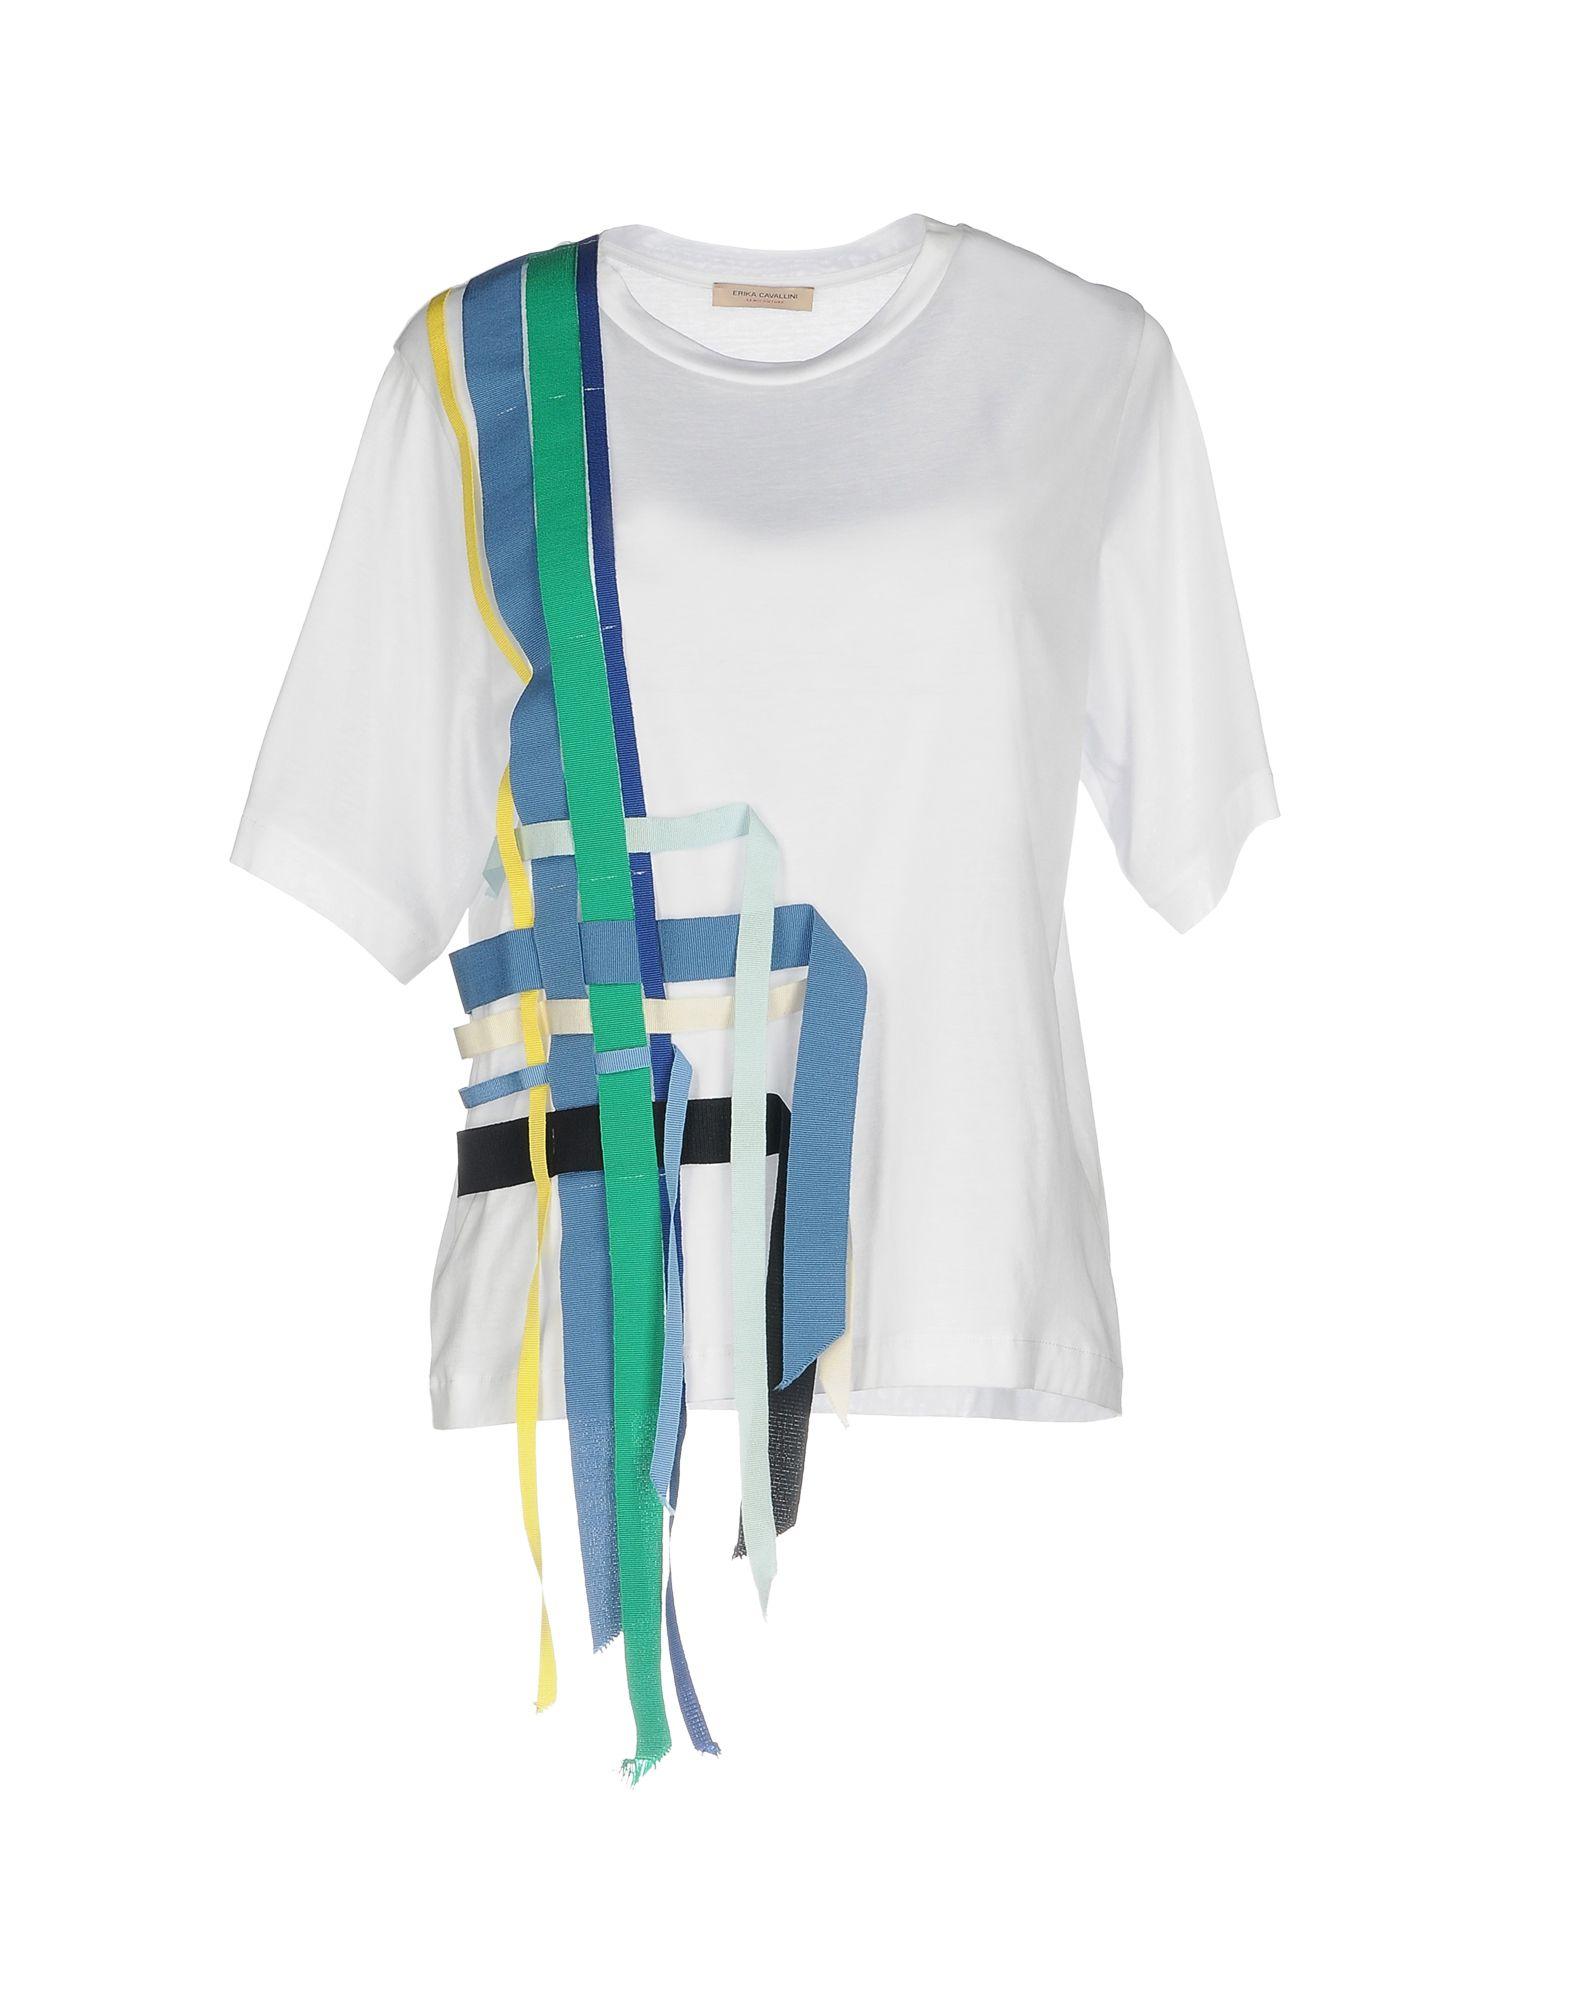 T-Shirt Erika Cavallini Donna - Acquista online su 1JhZkgzG